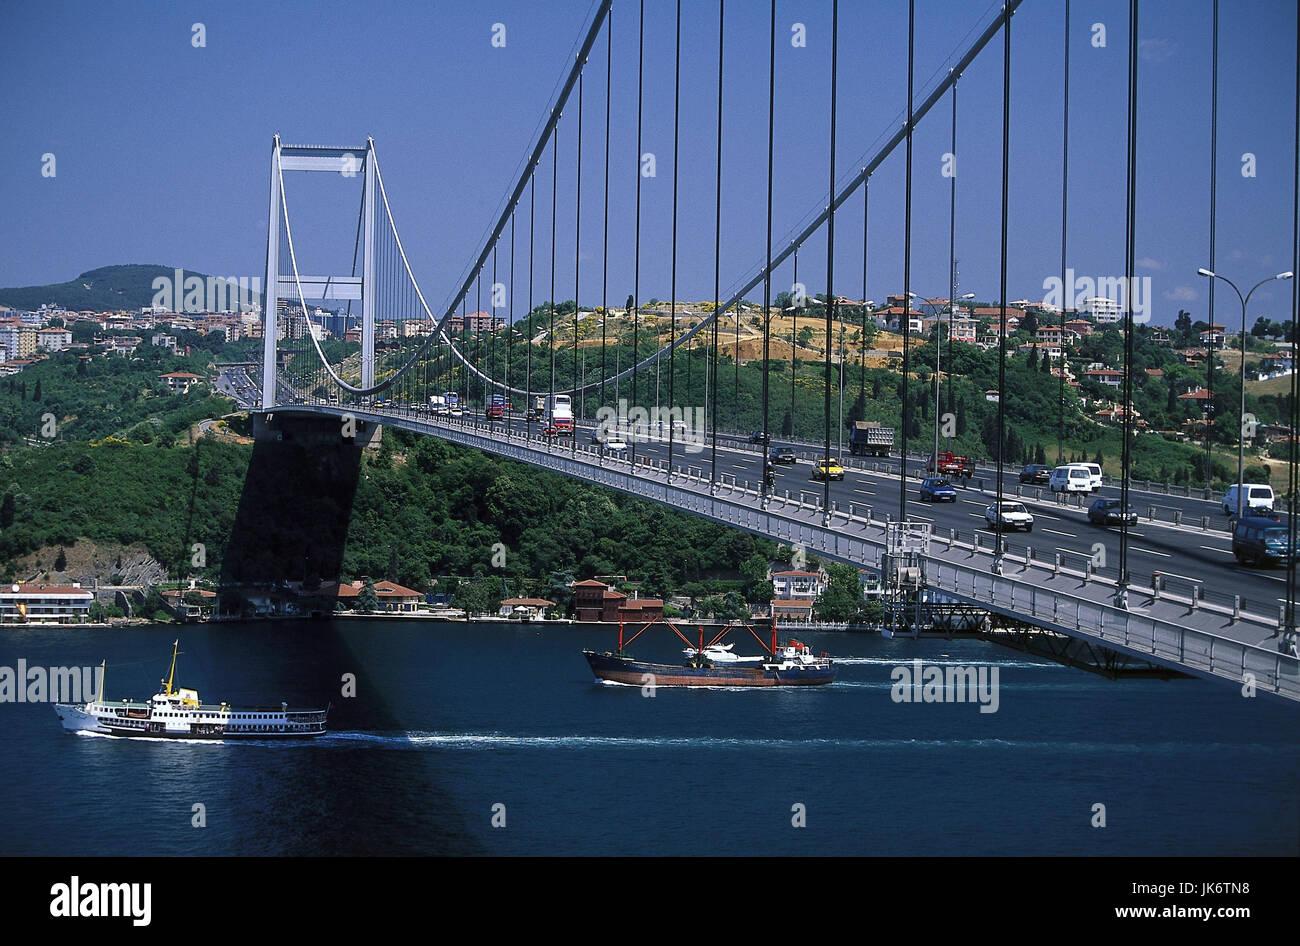 Türkei, Istanbul, Stadtviertel Ortaköy, Brücke, 'Bogazici Köprüsü'  Erste - Stock Image